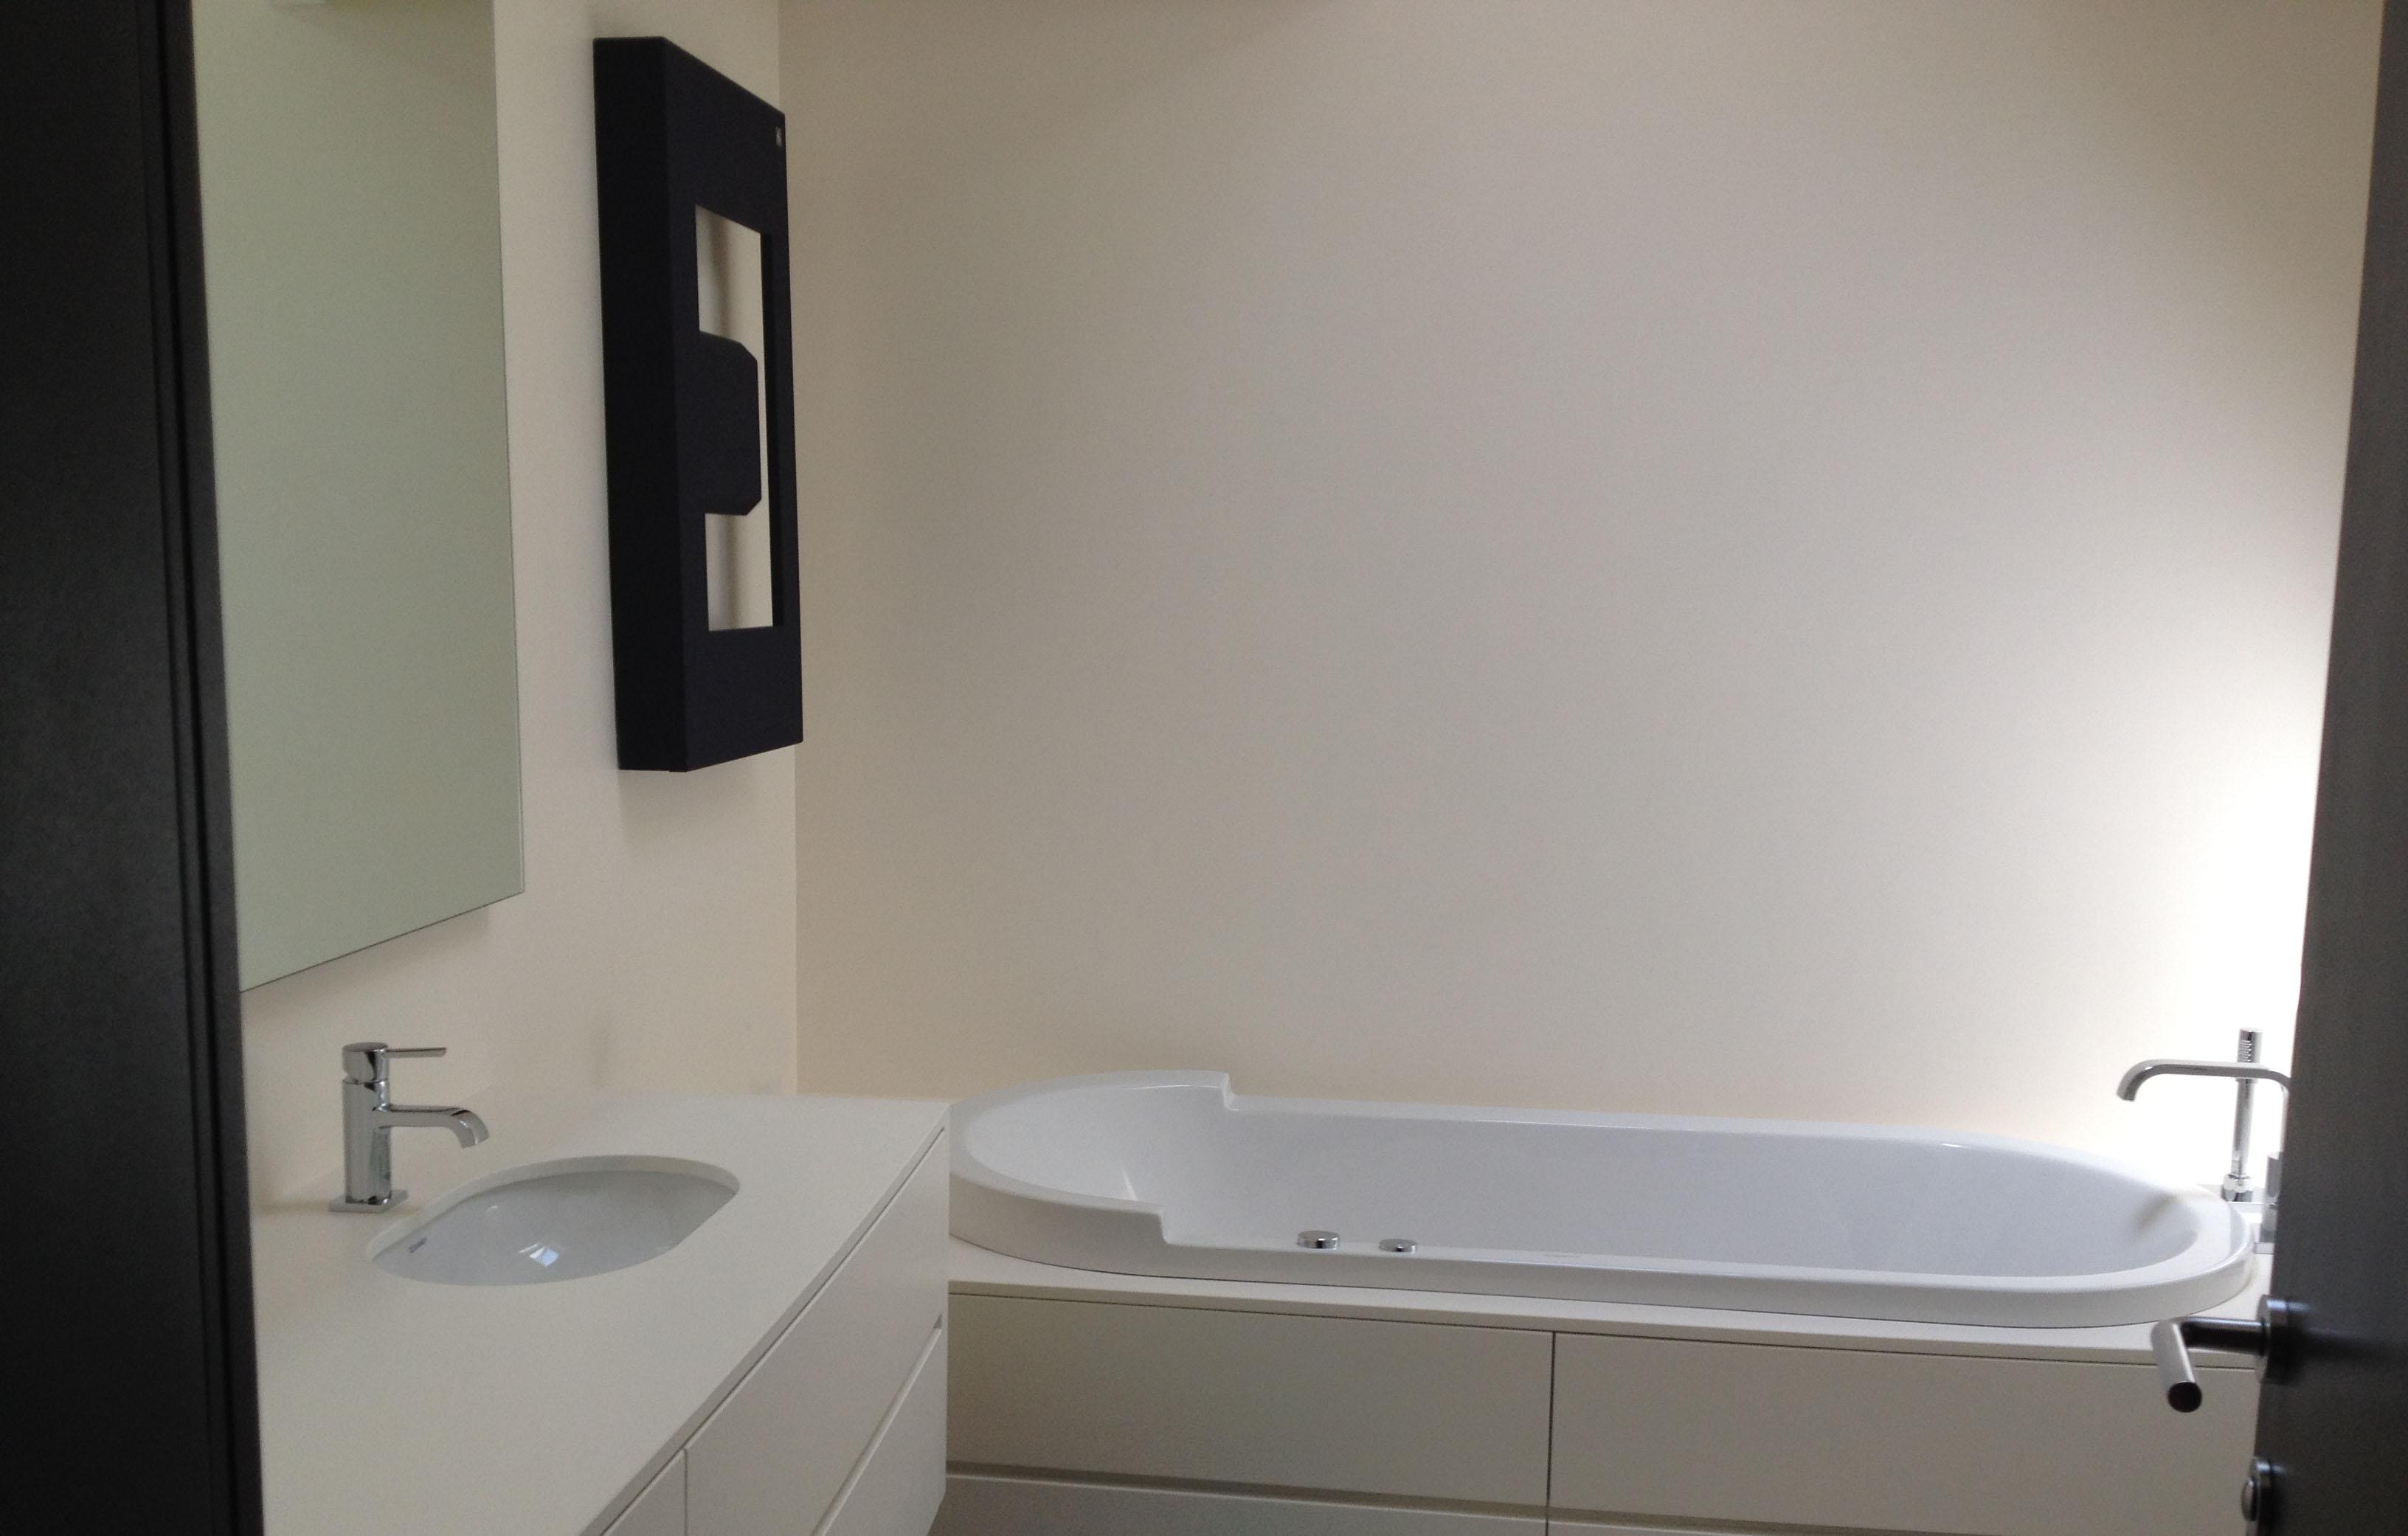 Mobili bagno trento simple mobili bagno verde mobilificio for Trento arredamenti